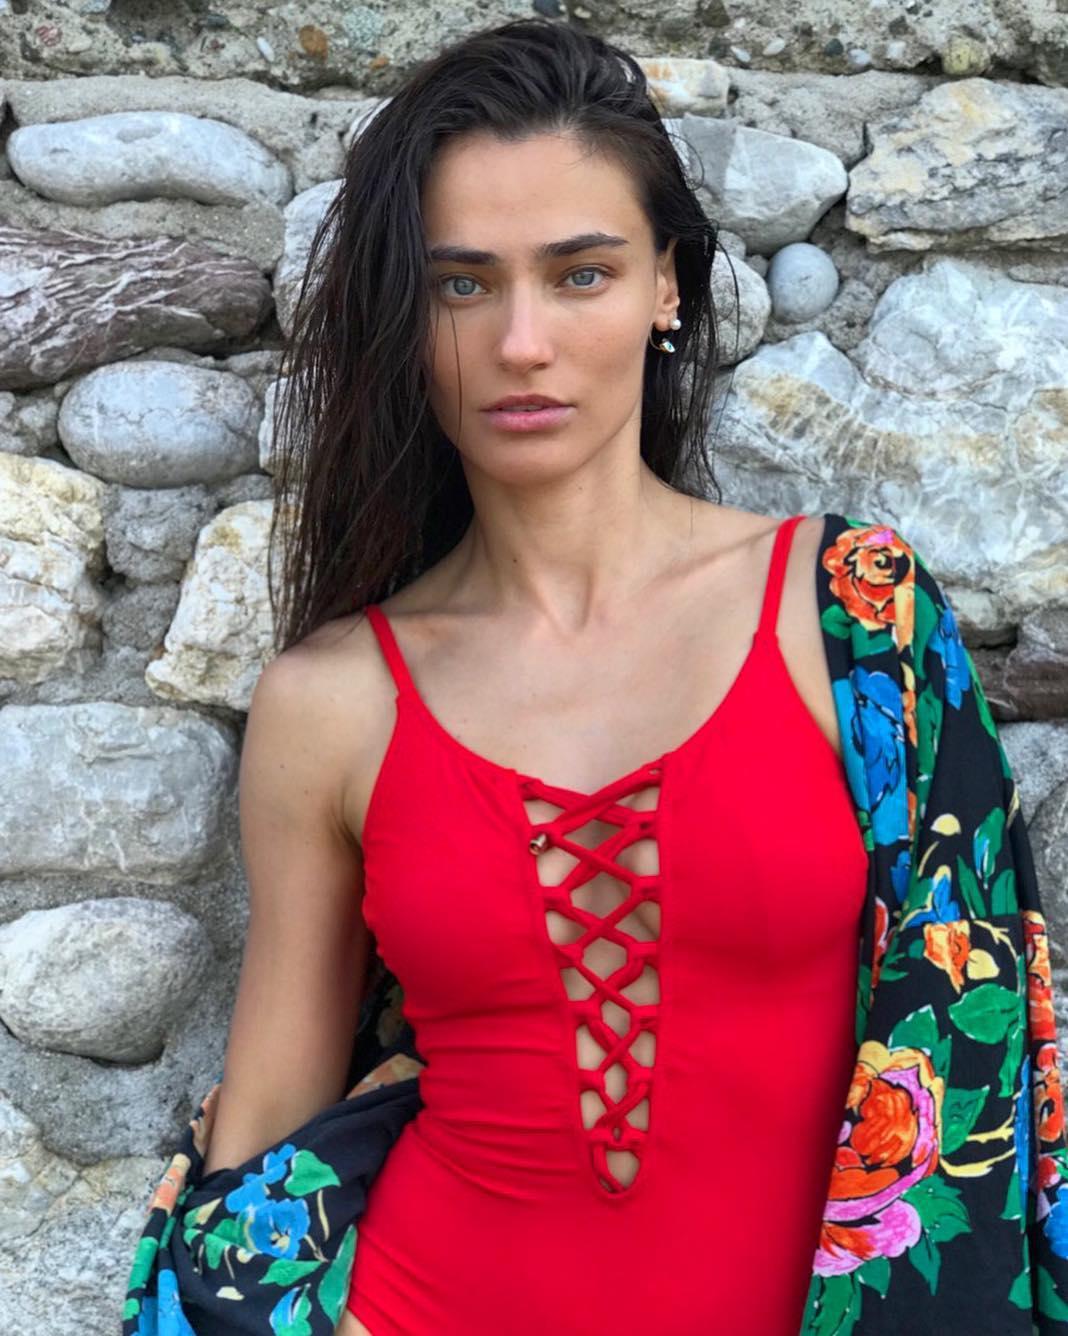 Başarılı oyuncu Saadet Işıl Aksoy göğüs dekolteli seksi kırmızı mayosu ile cesur pozlar verdi. HD foto galeriyi görüntülemek için buraya tıklayın.